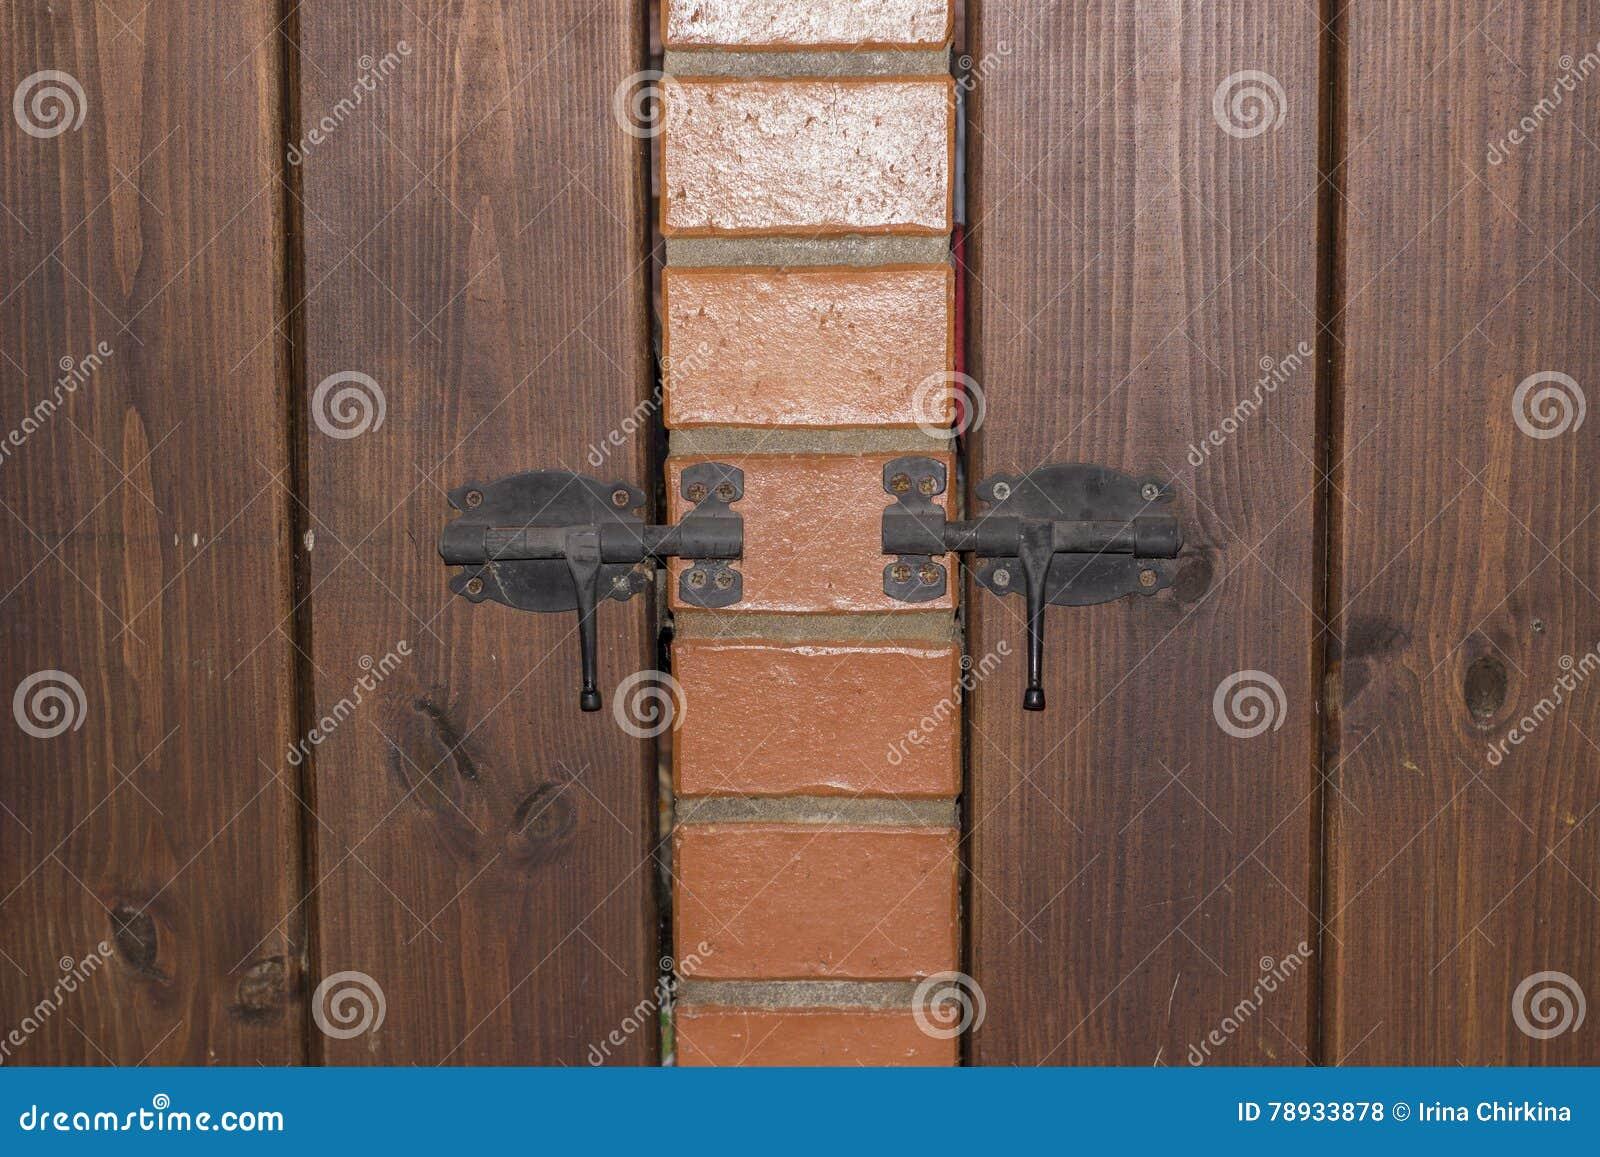 Wooden door on the latch